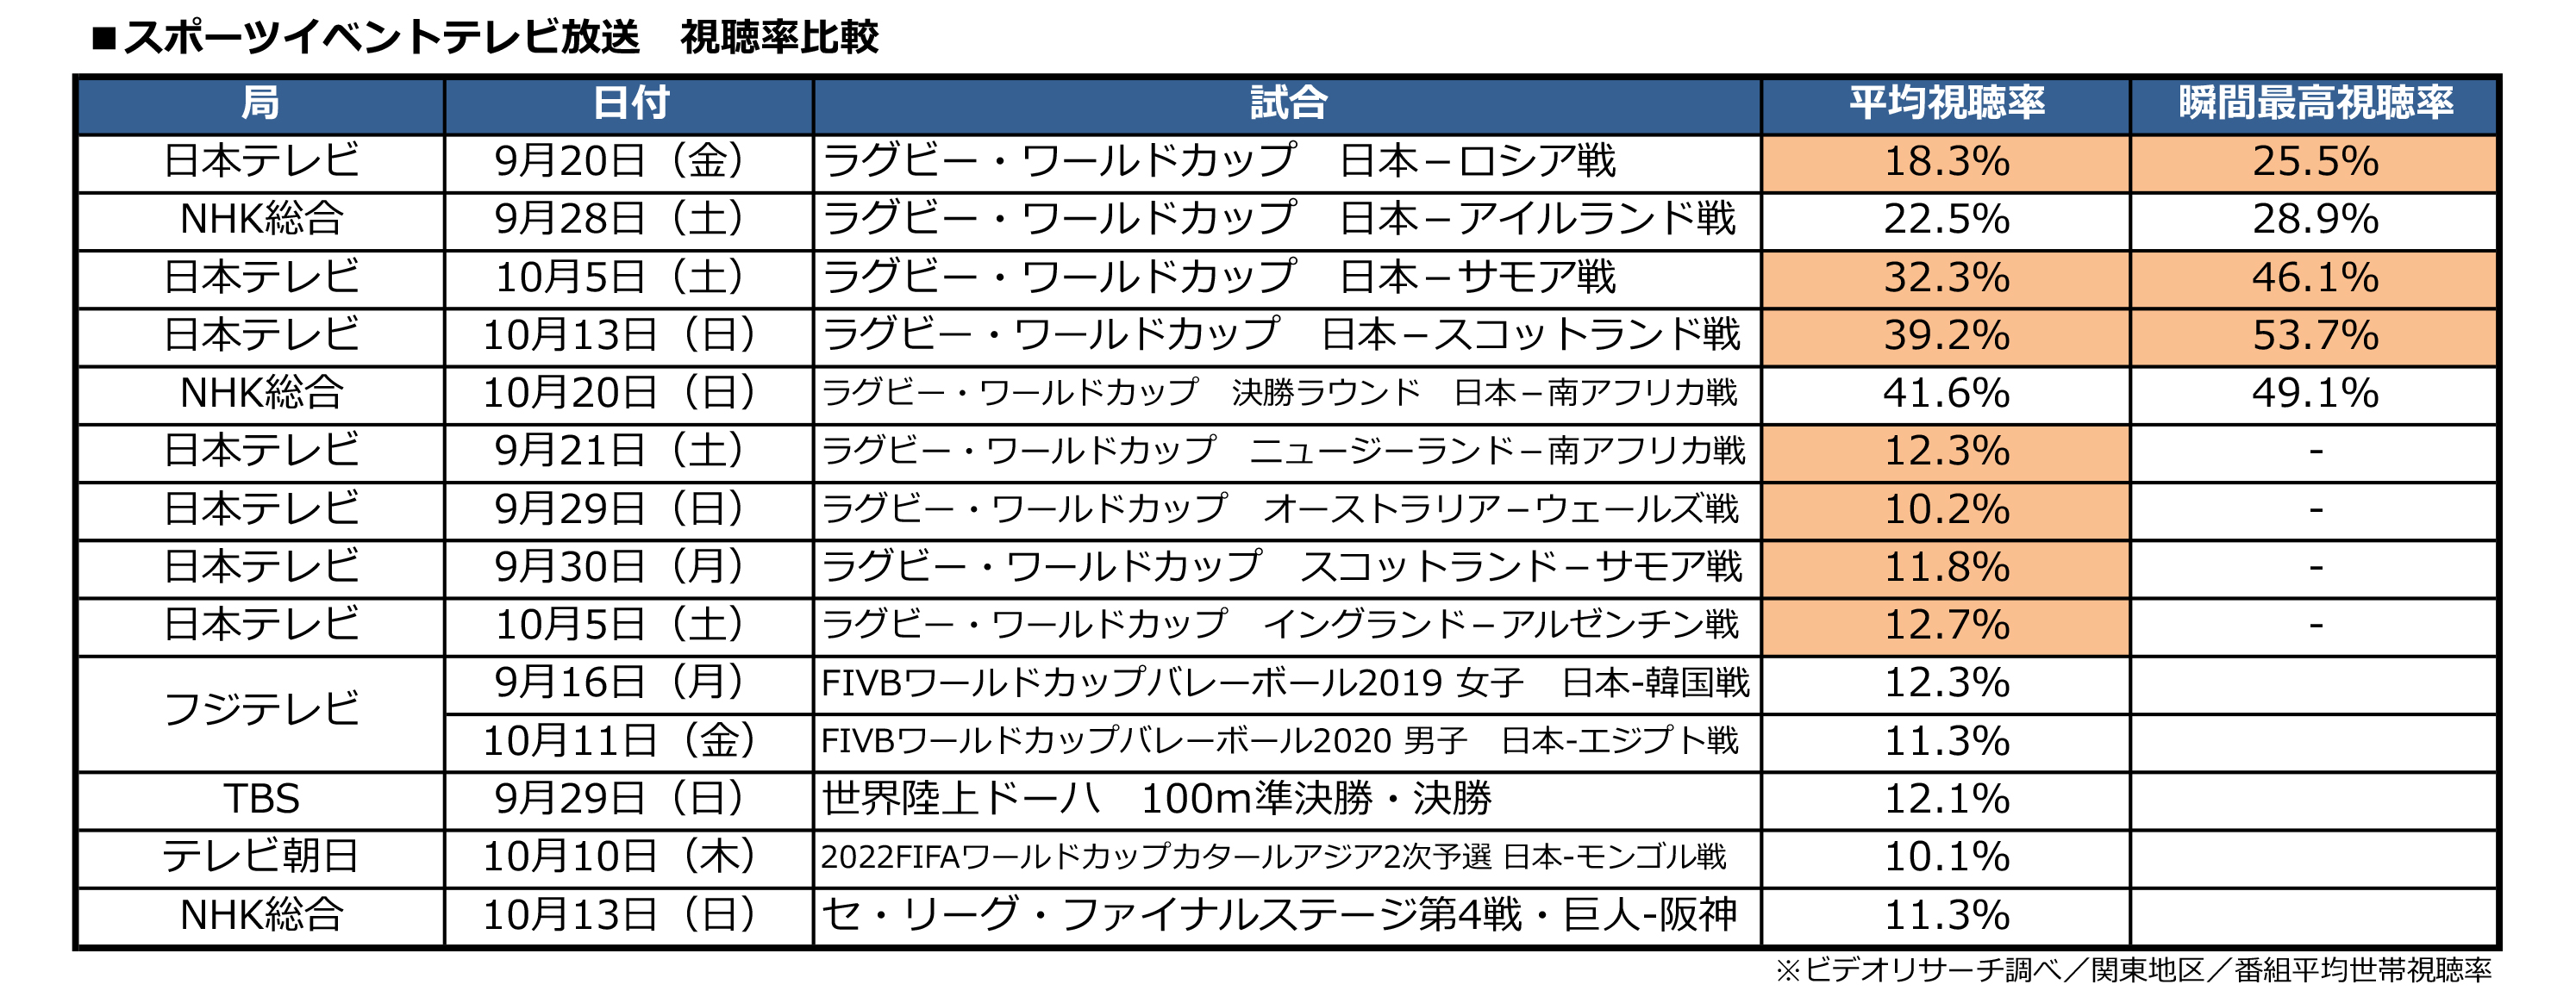 ラグビー 準決勝 テレビ 放送